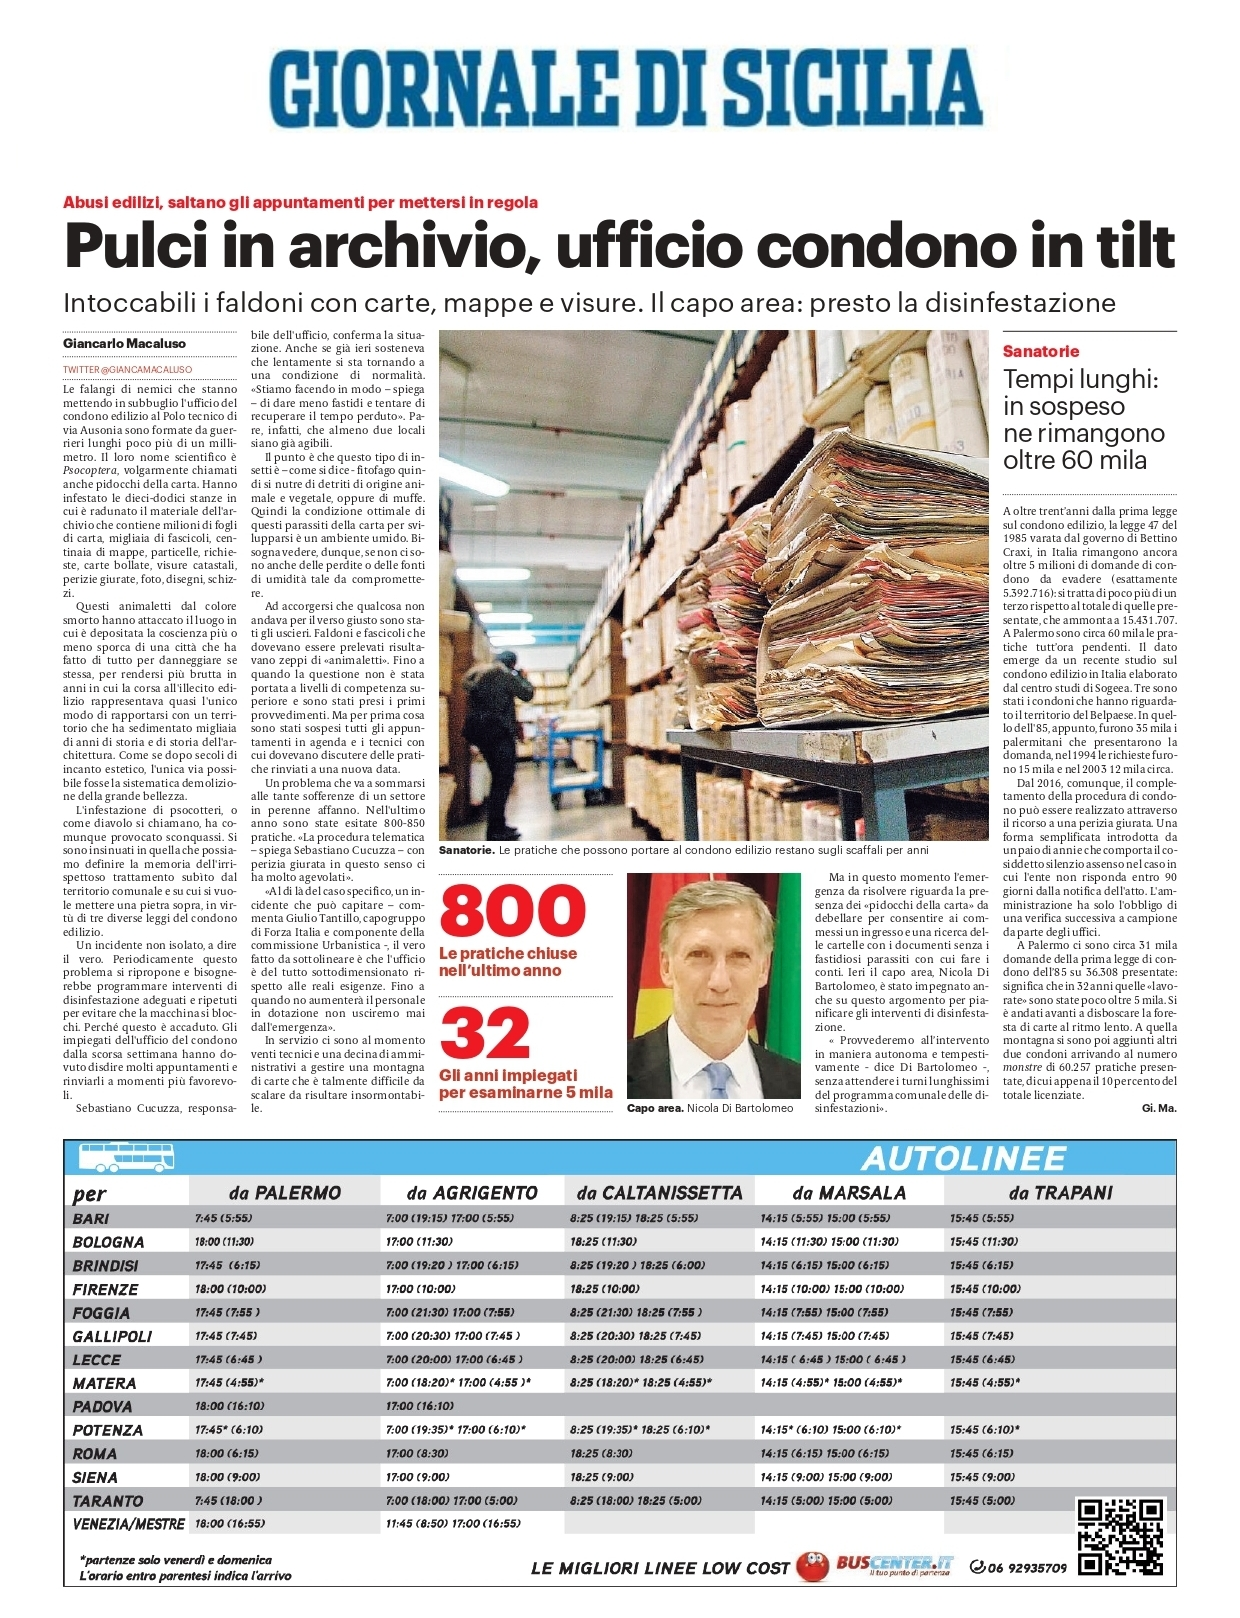 06.03 Giornale di Sicilia